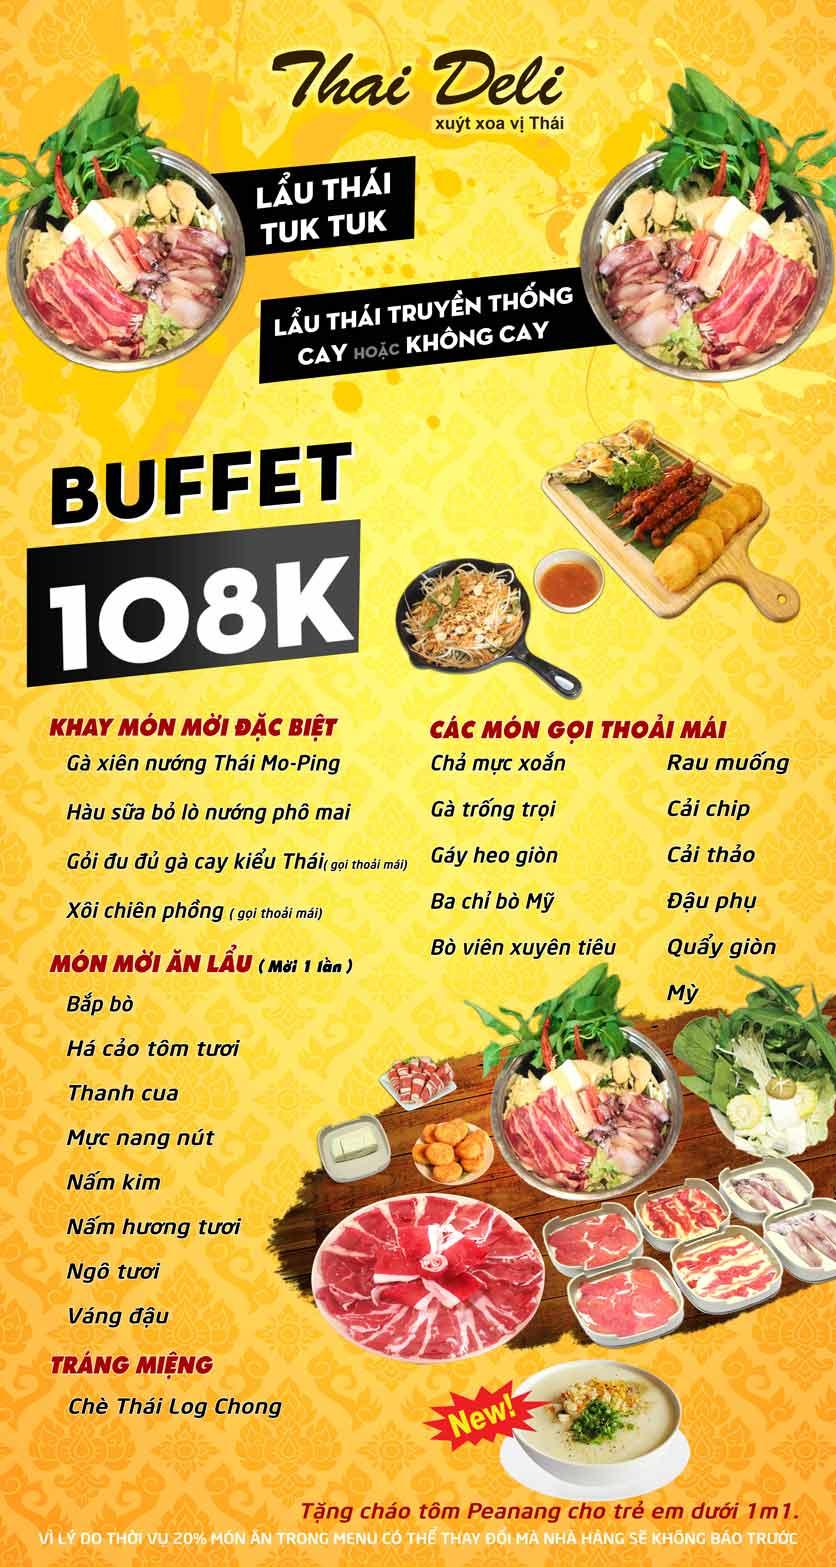 Menu Thai Deli - Buffet Lẩu Thái - Hàm Nghi 1